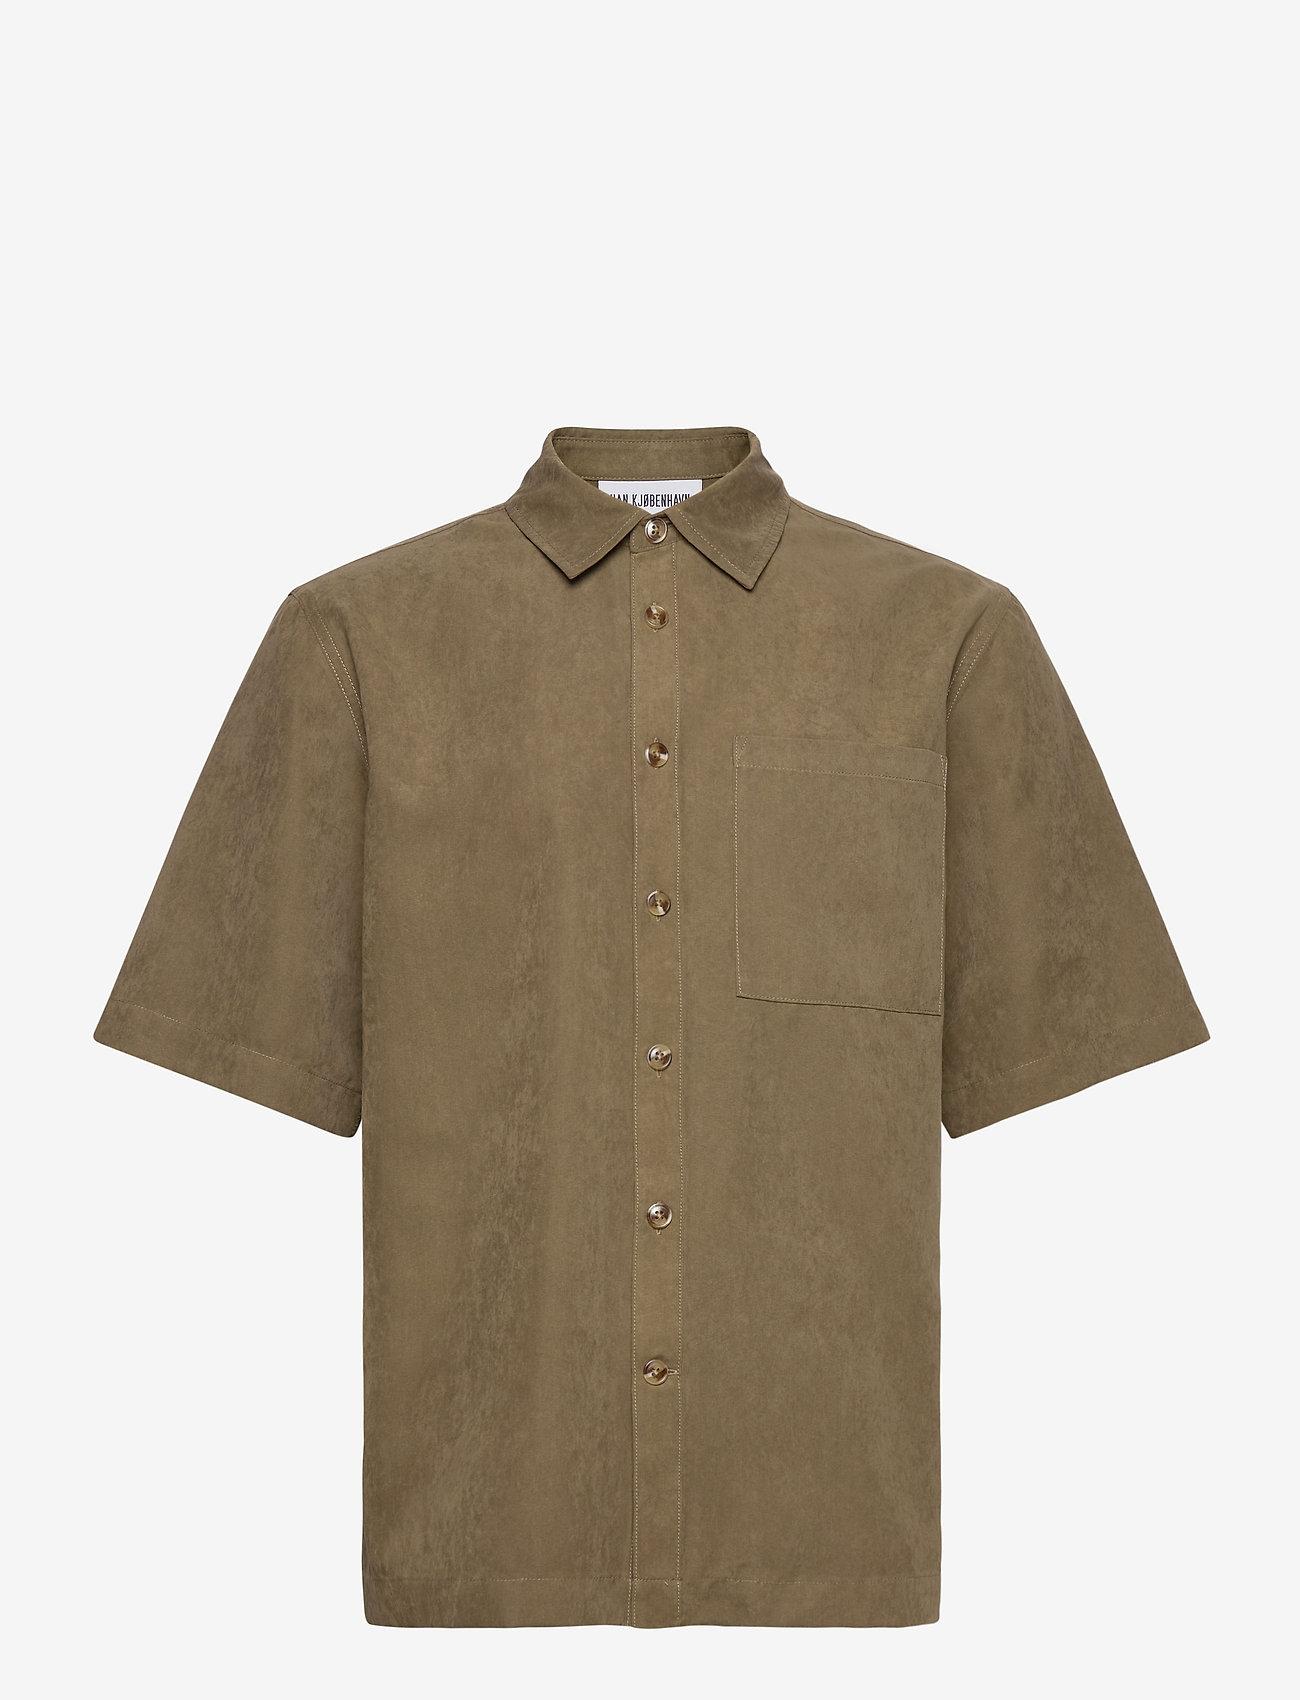 HAN Kjøbenhavn - Boxy Shirt SS - basic overhemden - grey - 1